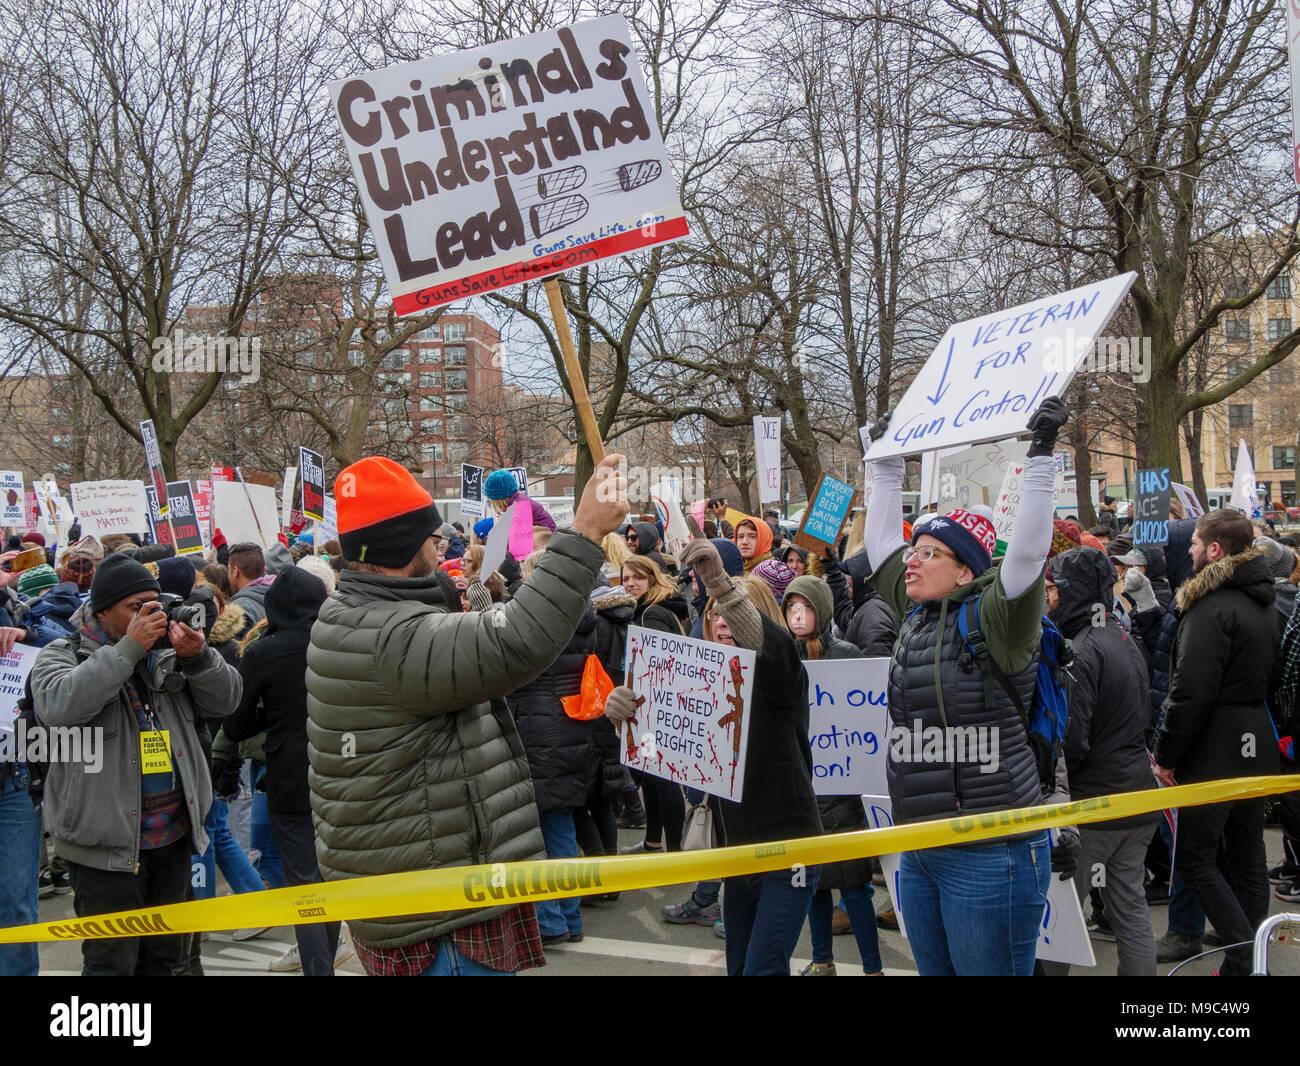 Chicago, Illinois, Estados Unidos. 24 de marzo de 2018. Reglamento pistola aboga por enfrentar un pro-armas contra los manifestantes de hoy en la Marcha por Nuestras Vidas protesta en esta ciudad del Medio Oeste. Miles de manifestantes reglamento pistola marcharon en apoyo de una mayor regulación de la pistola en los Estados Unidos. Imagen De Stock